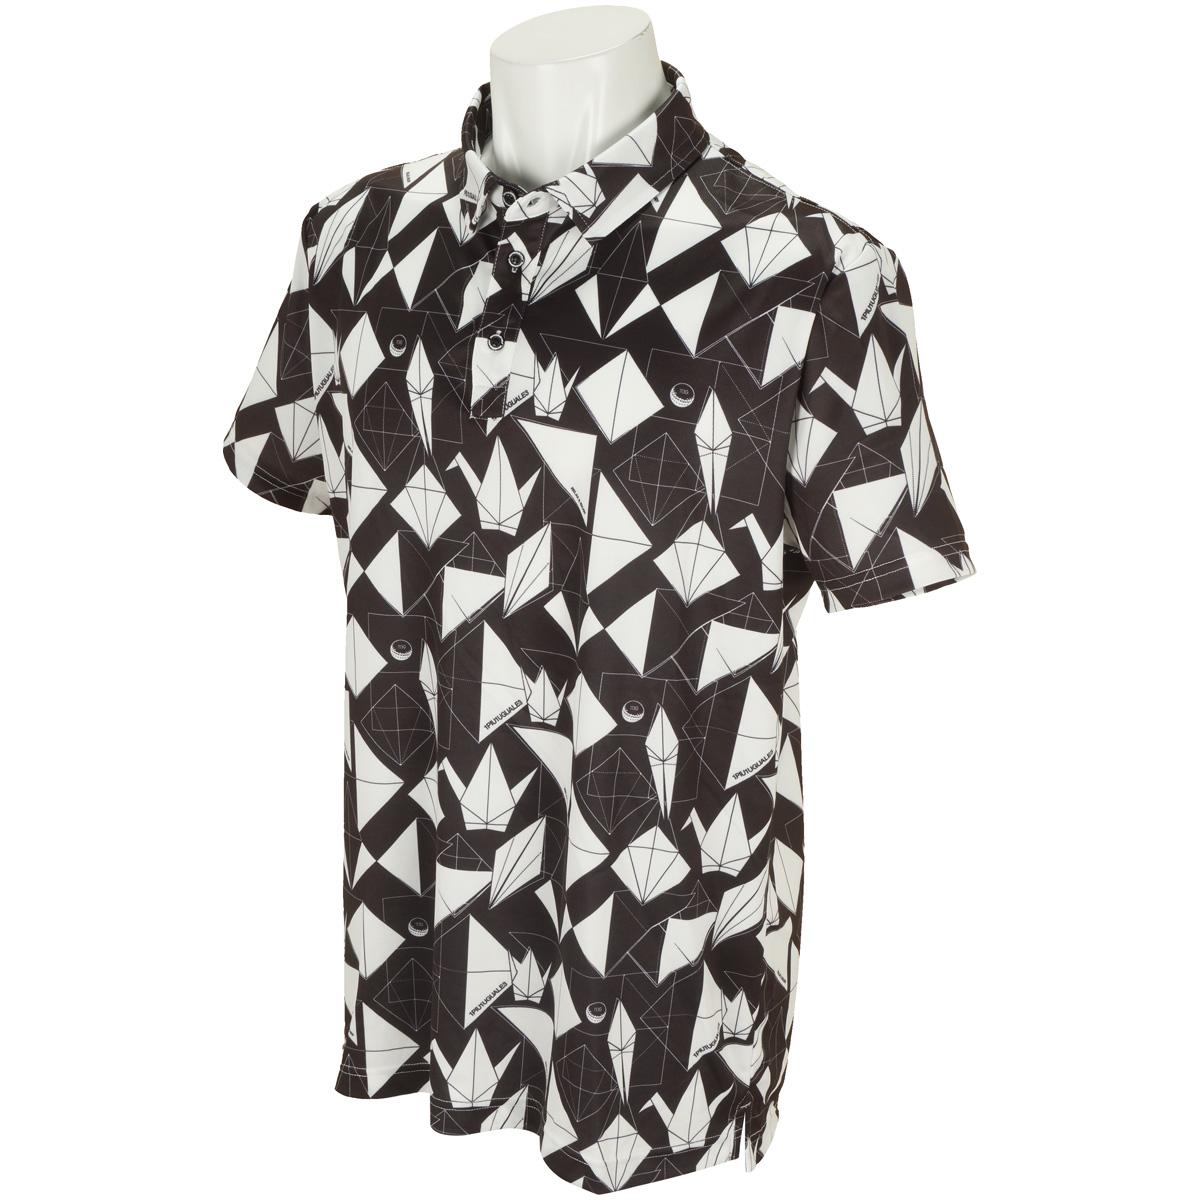 折り鶴 半袖ポロシャツ